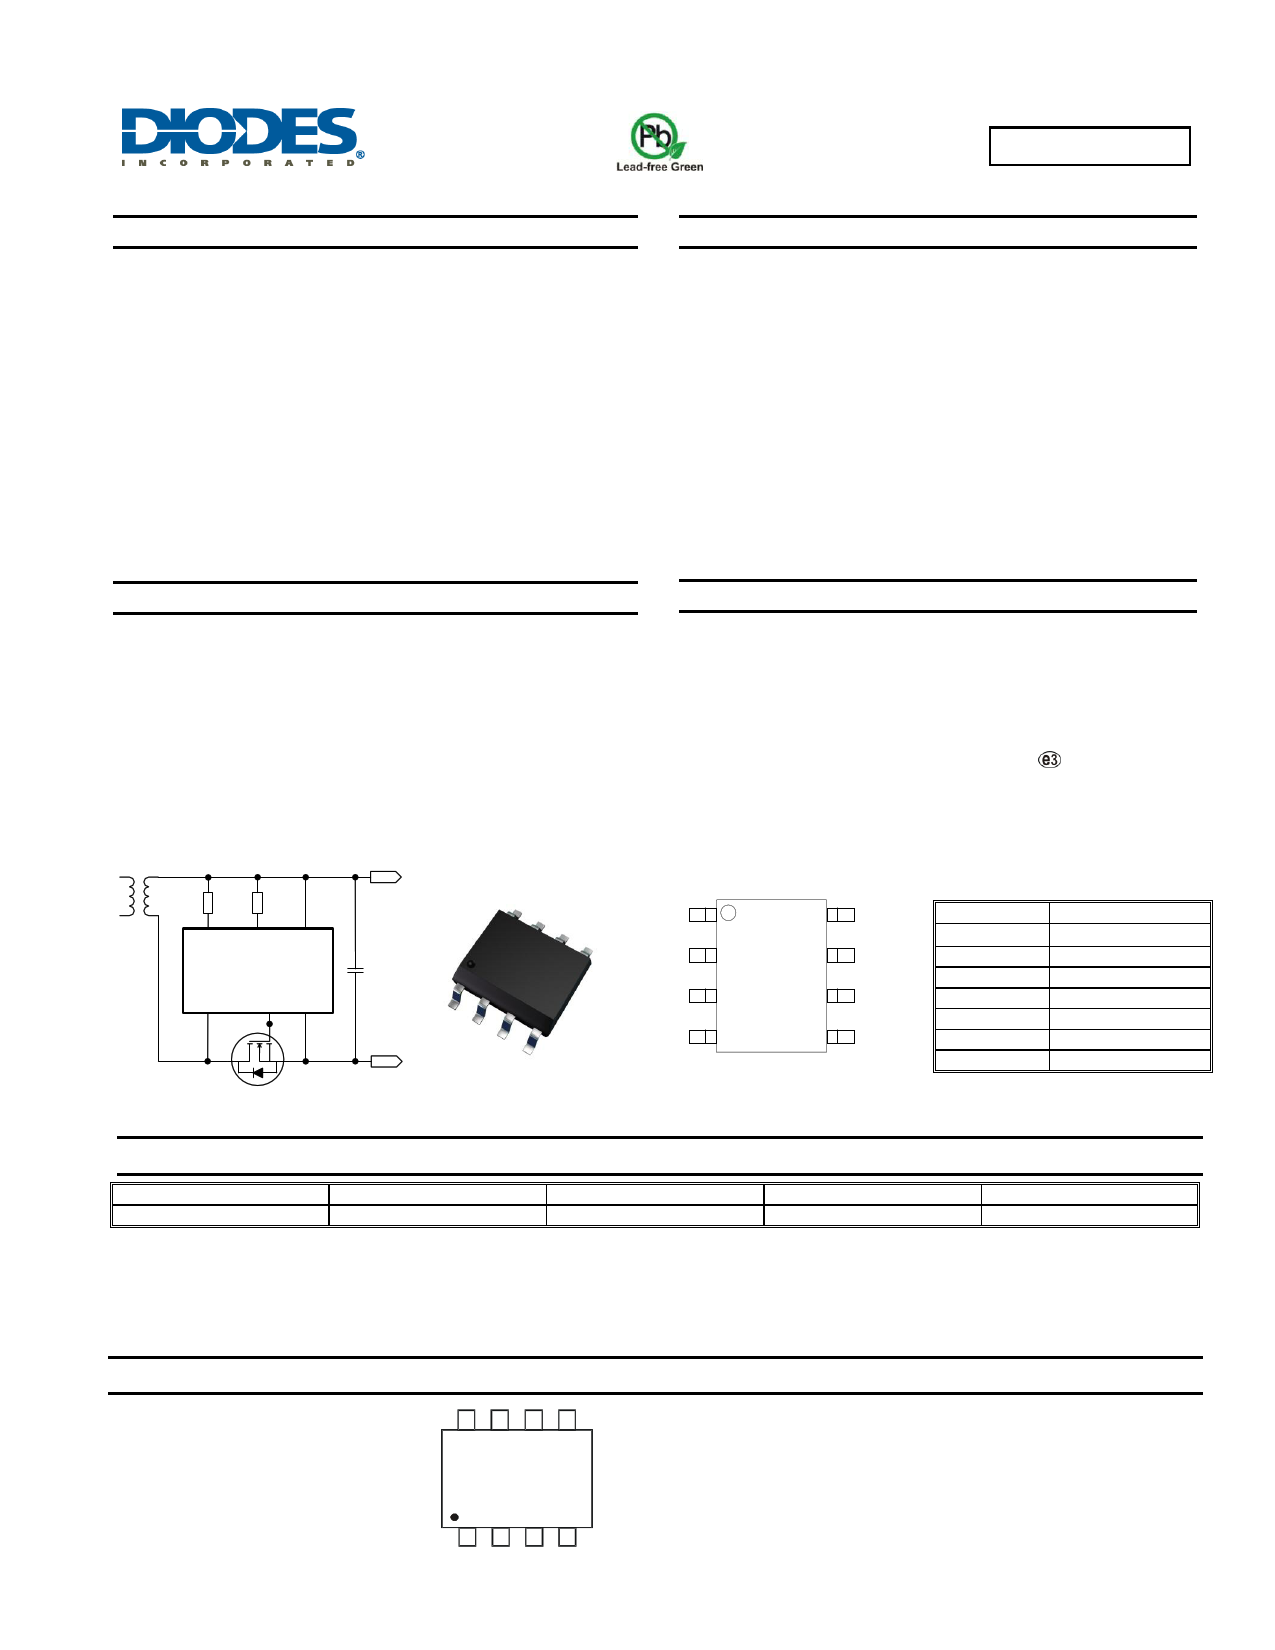 ZXGD3107N8 datasheet